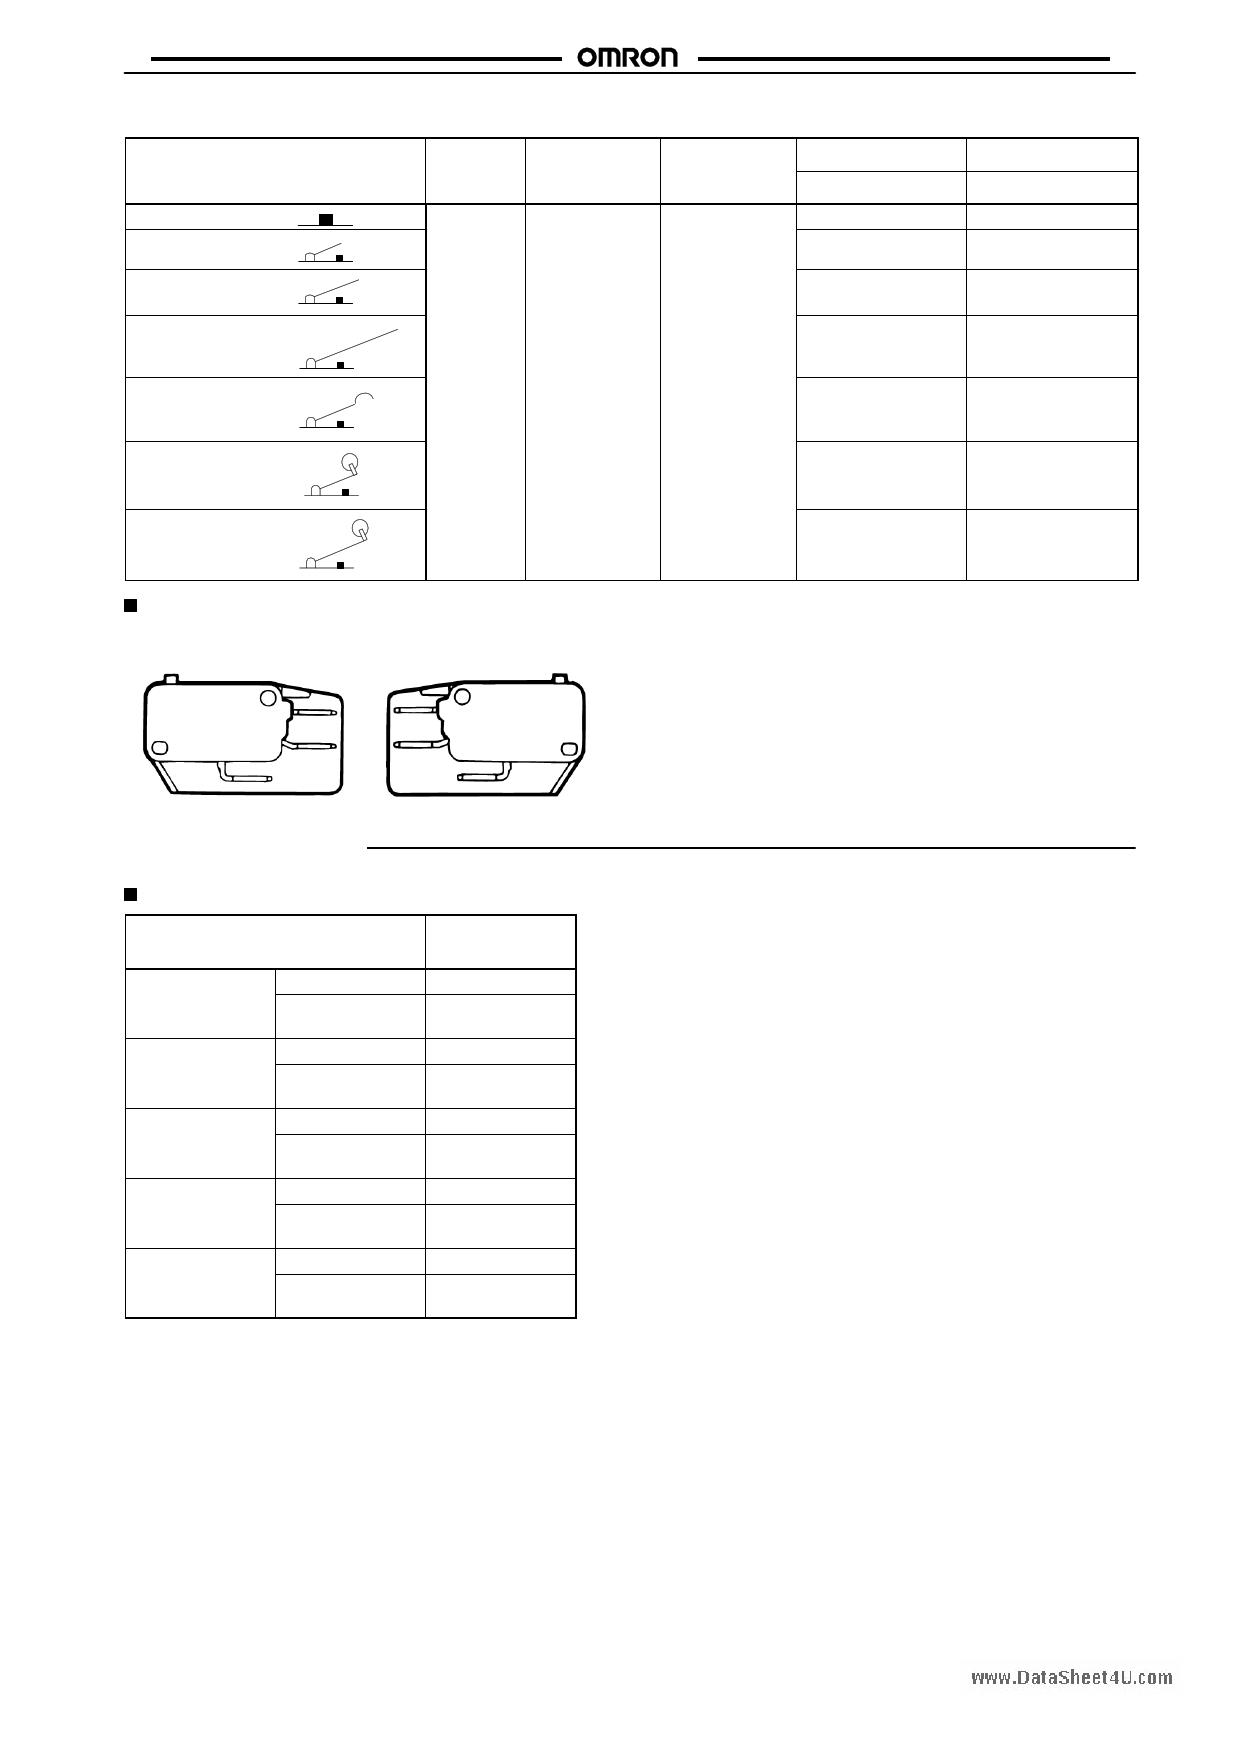 V-156-xxx Datasheet, Funktion